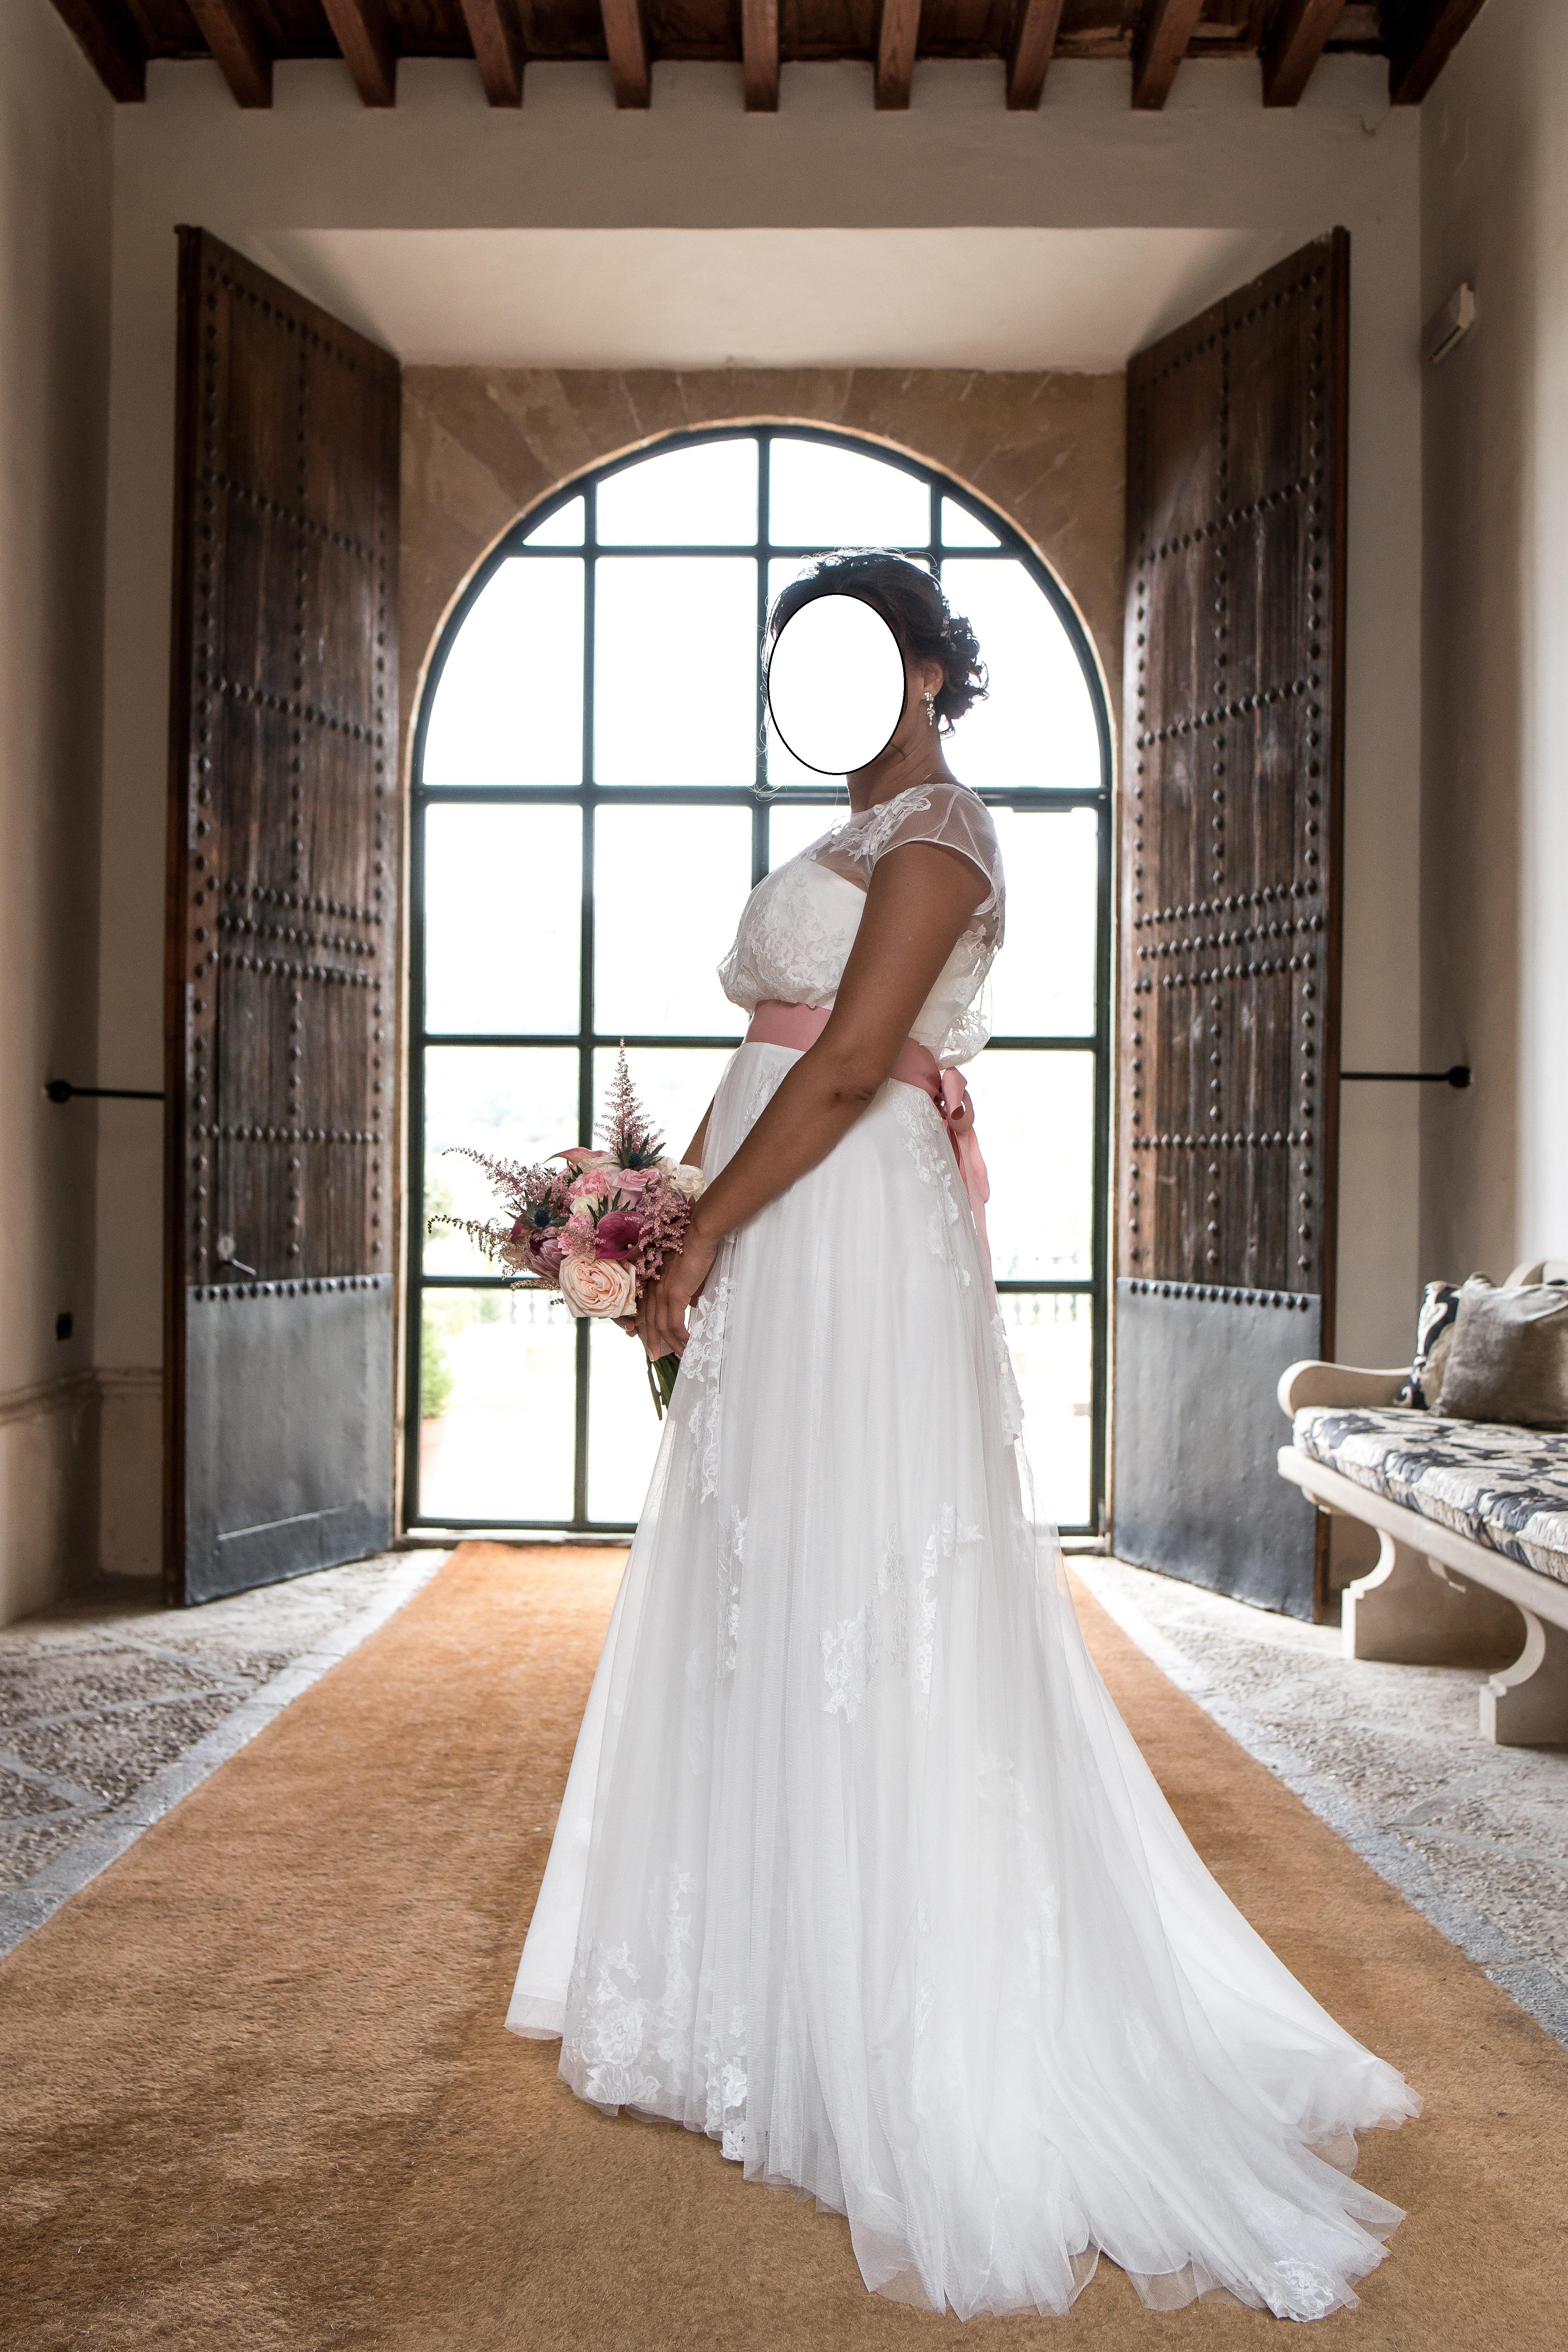 Feminin und elegant. | Brautkleid Verkaufen